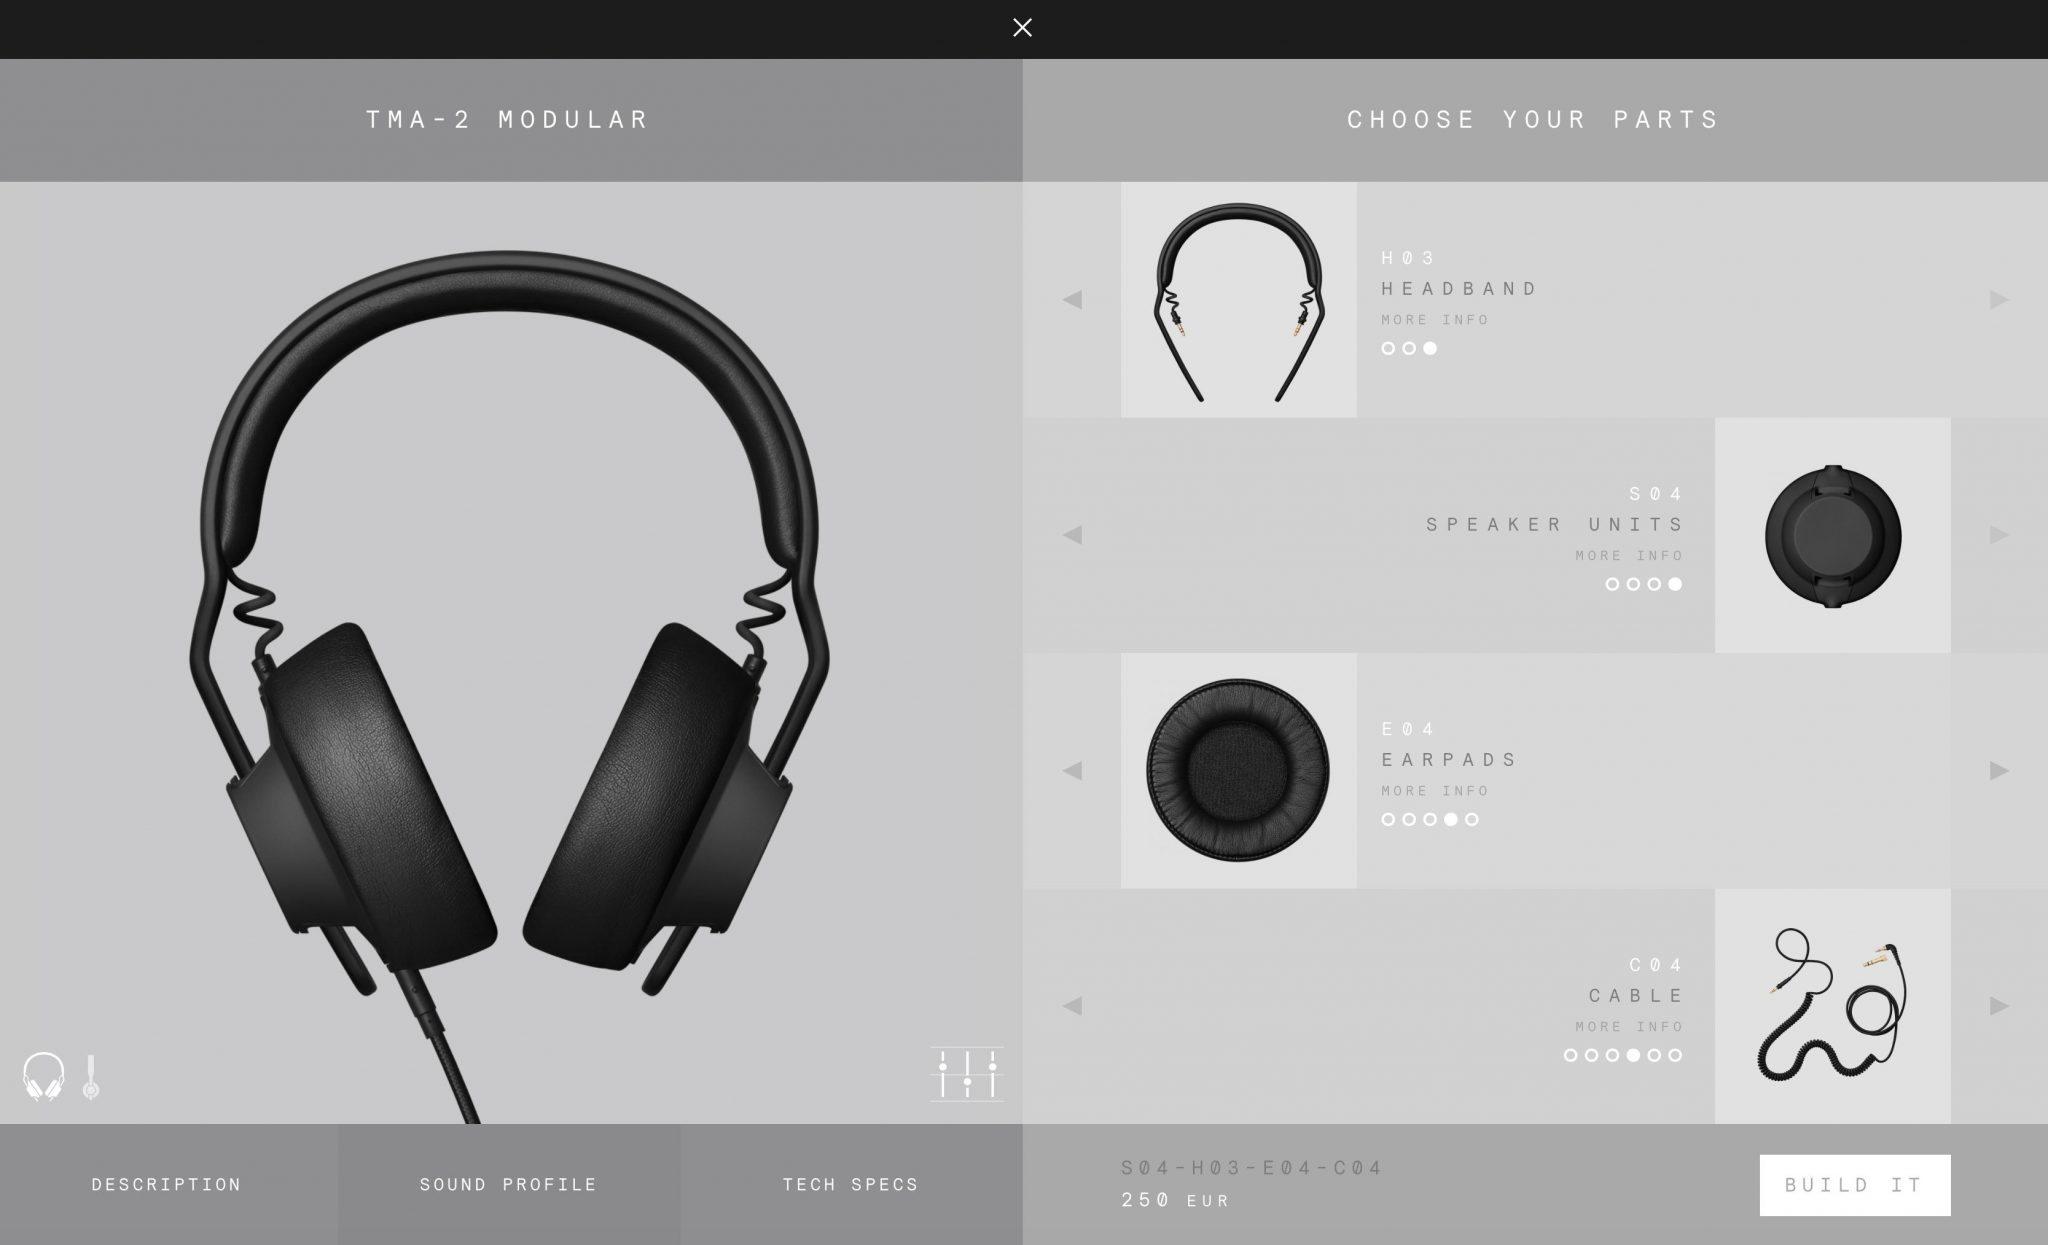 aiaiai tma-2 modular headphone